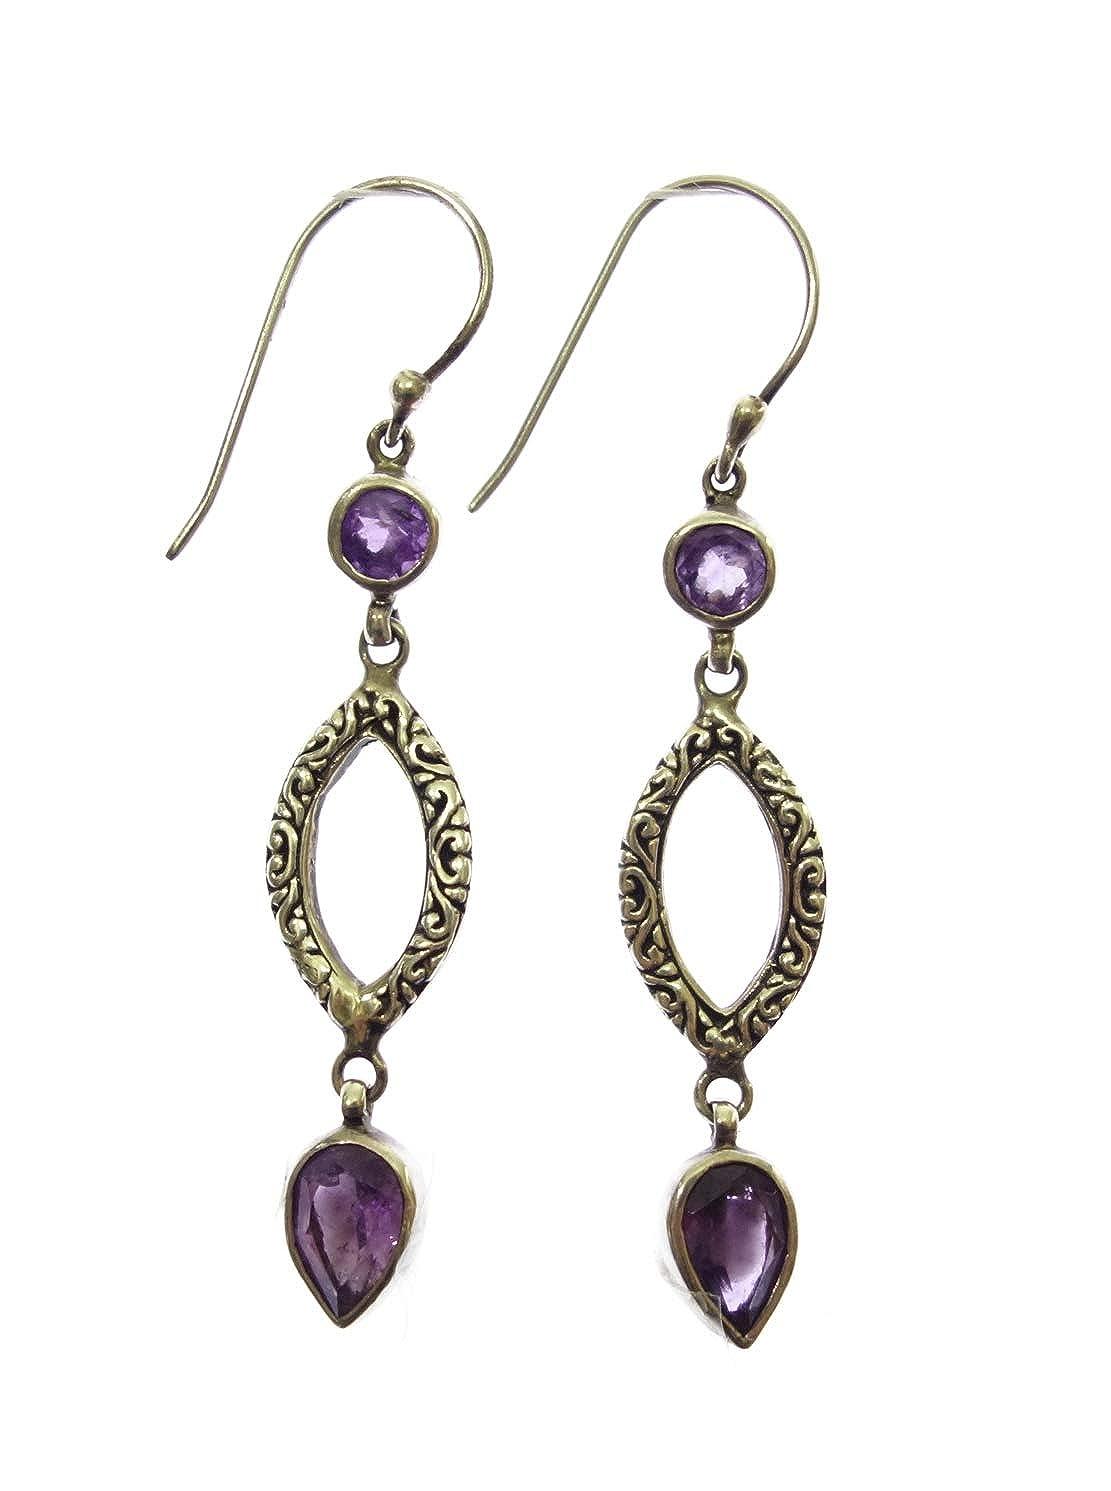 Amethyst sterling silver earrings  amethyst and tanzanite earrings  Tanzanite silver earrings  February birthstone earrings  handmade